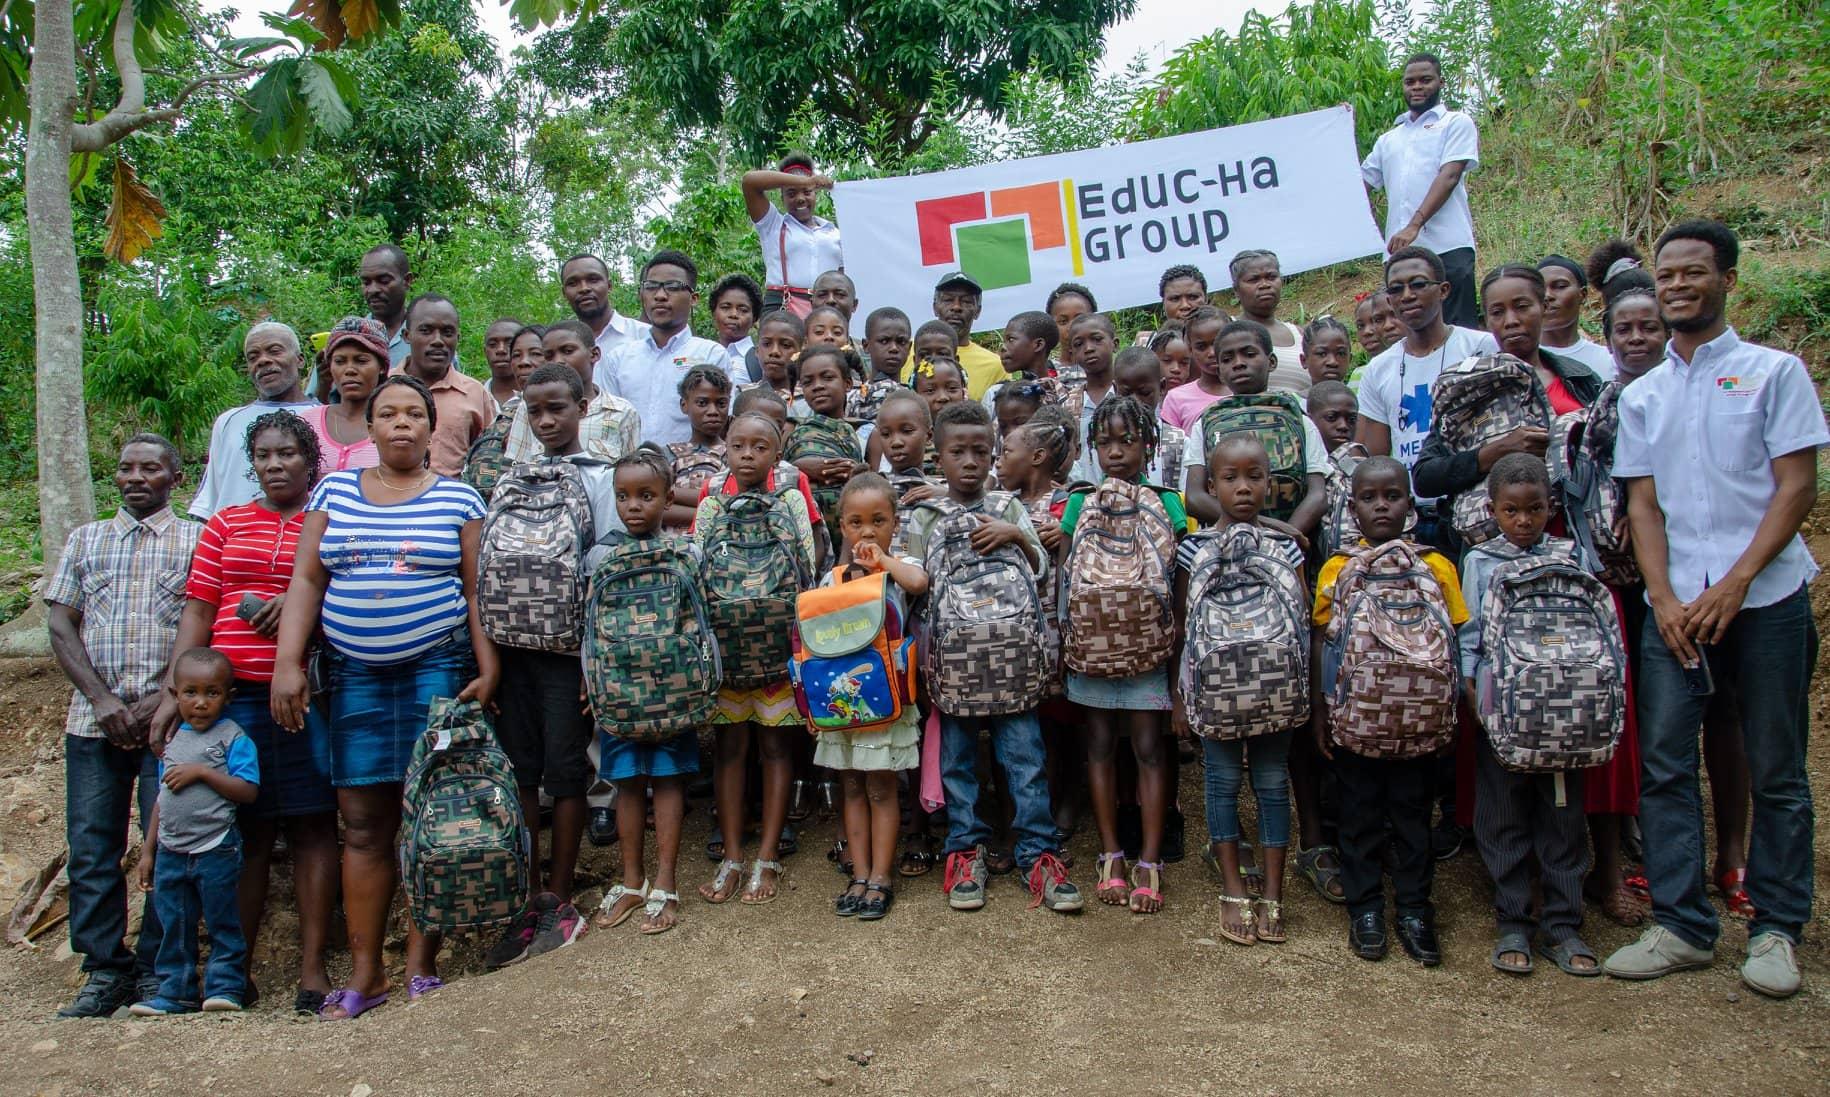 54 élèves au total ont bénéficié des fournitures scolaires achetés grâce à la contribution financière d'une belle palette de donateurs résidant en Haïti, aux USA, au Canada et au Chili./Photo: Fournie par Educ-Ha Group